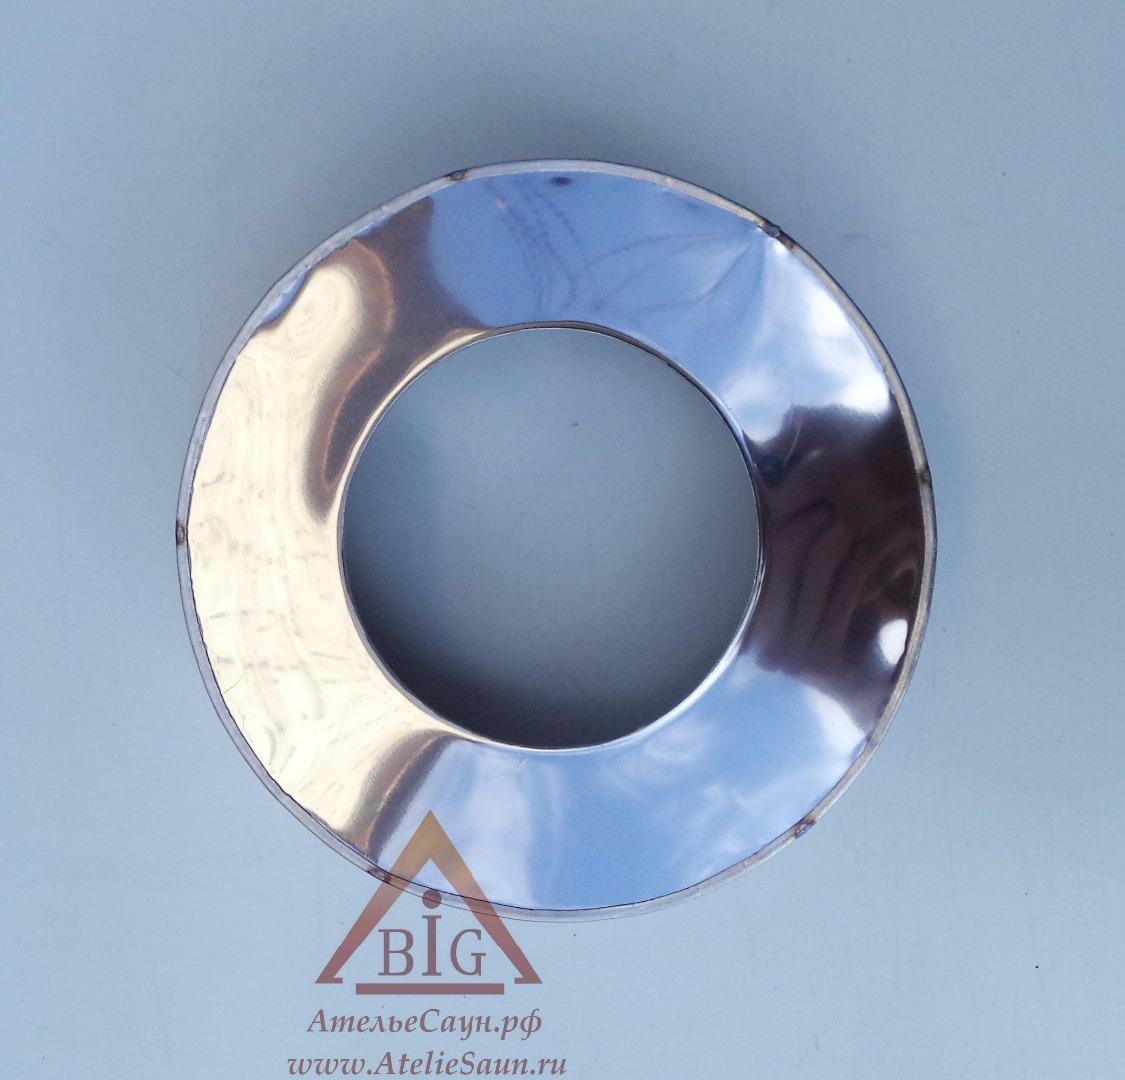 Заглушка низ D150/250 мм (на трубу в изоляции)